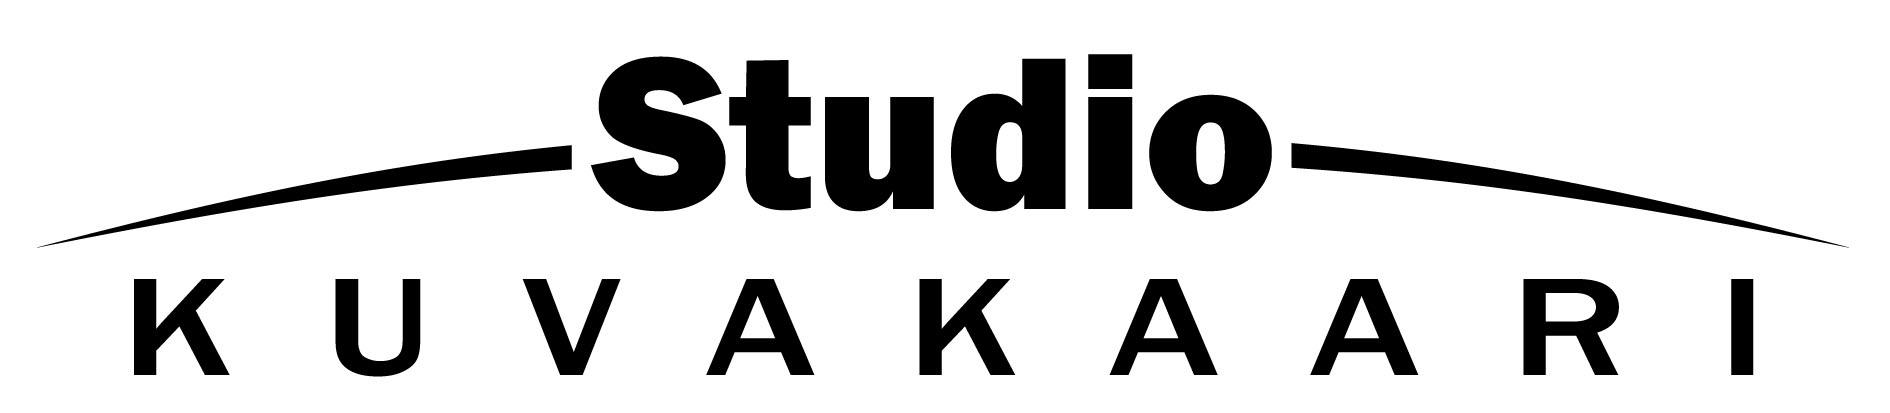 Studio Kuvakaari